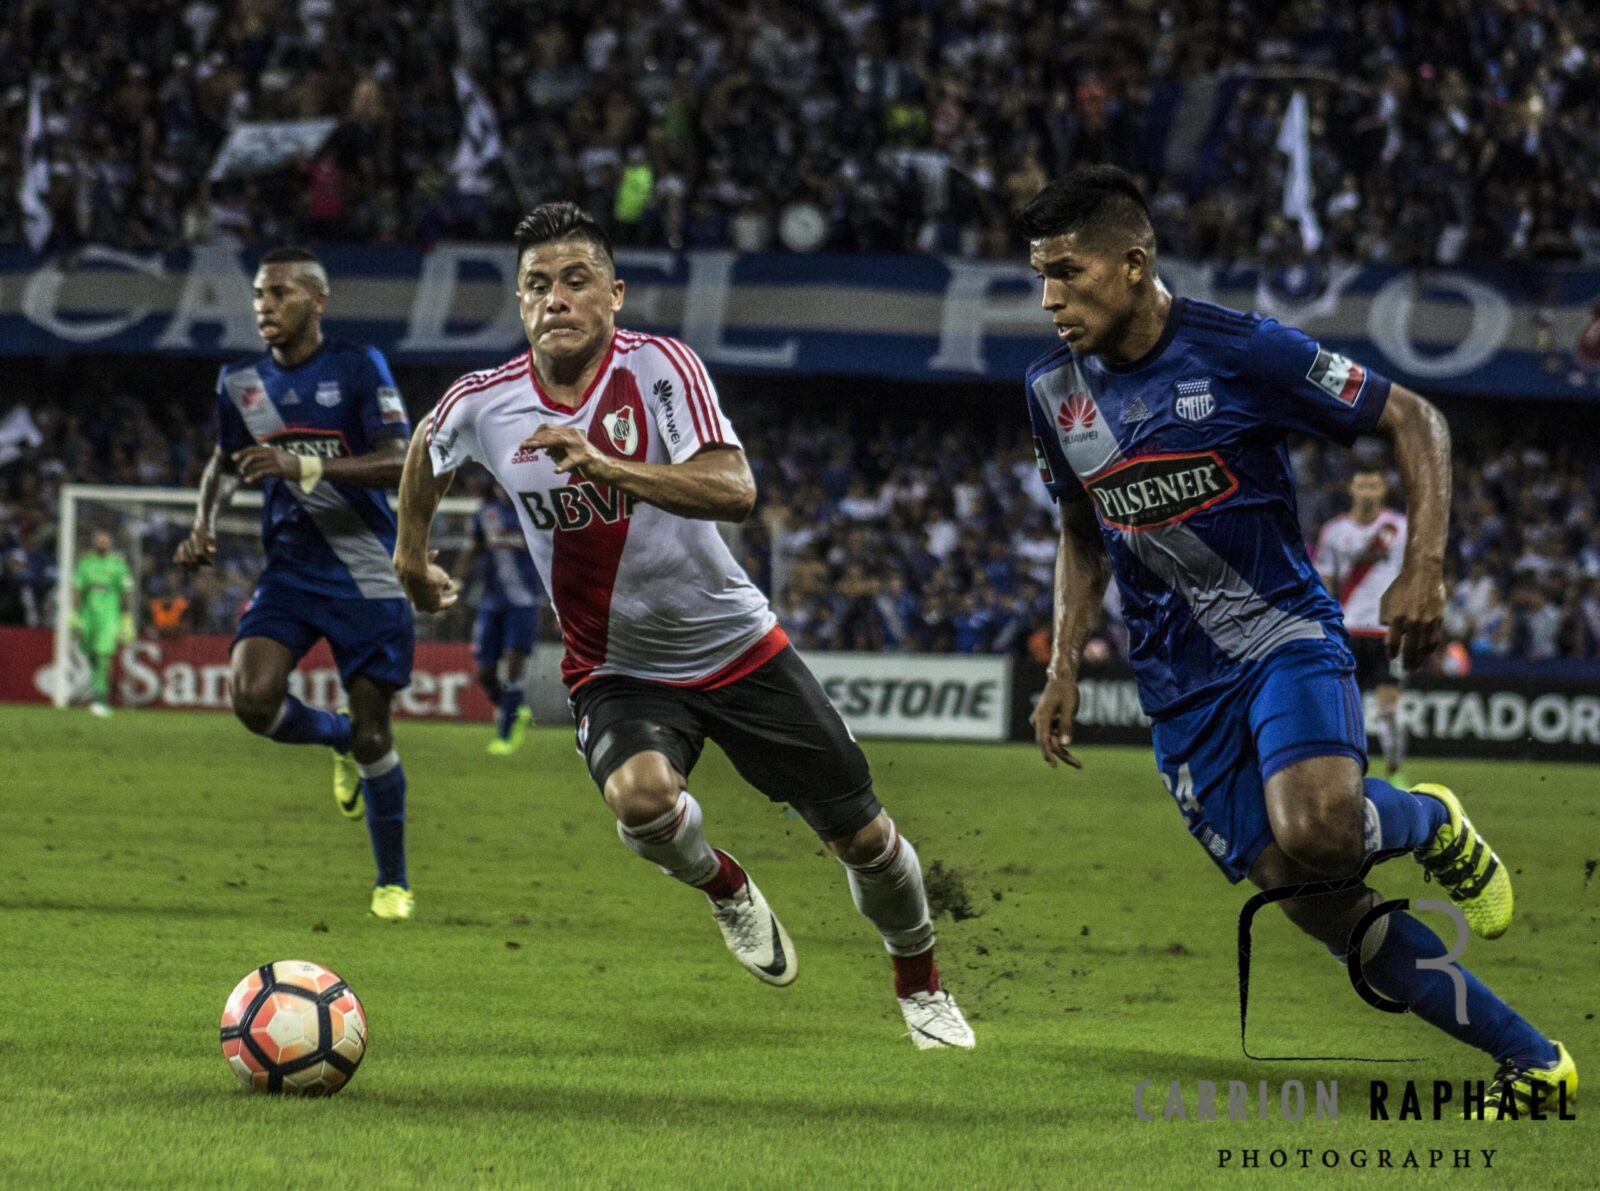 Fotos de EMELEC vs. River Plate por Raphael Carrion